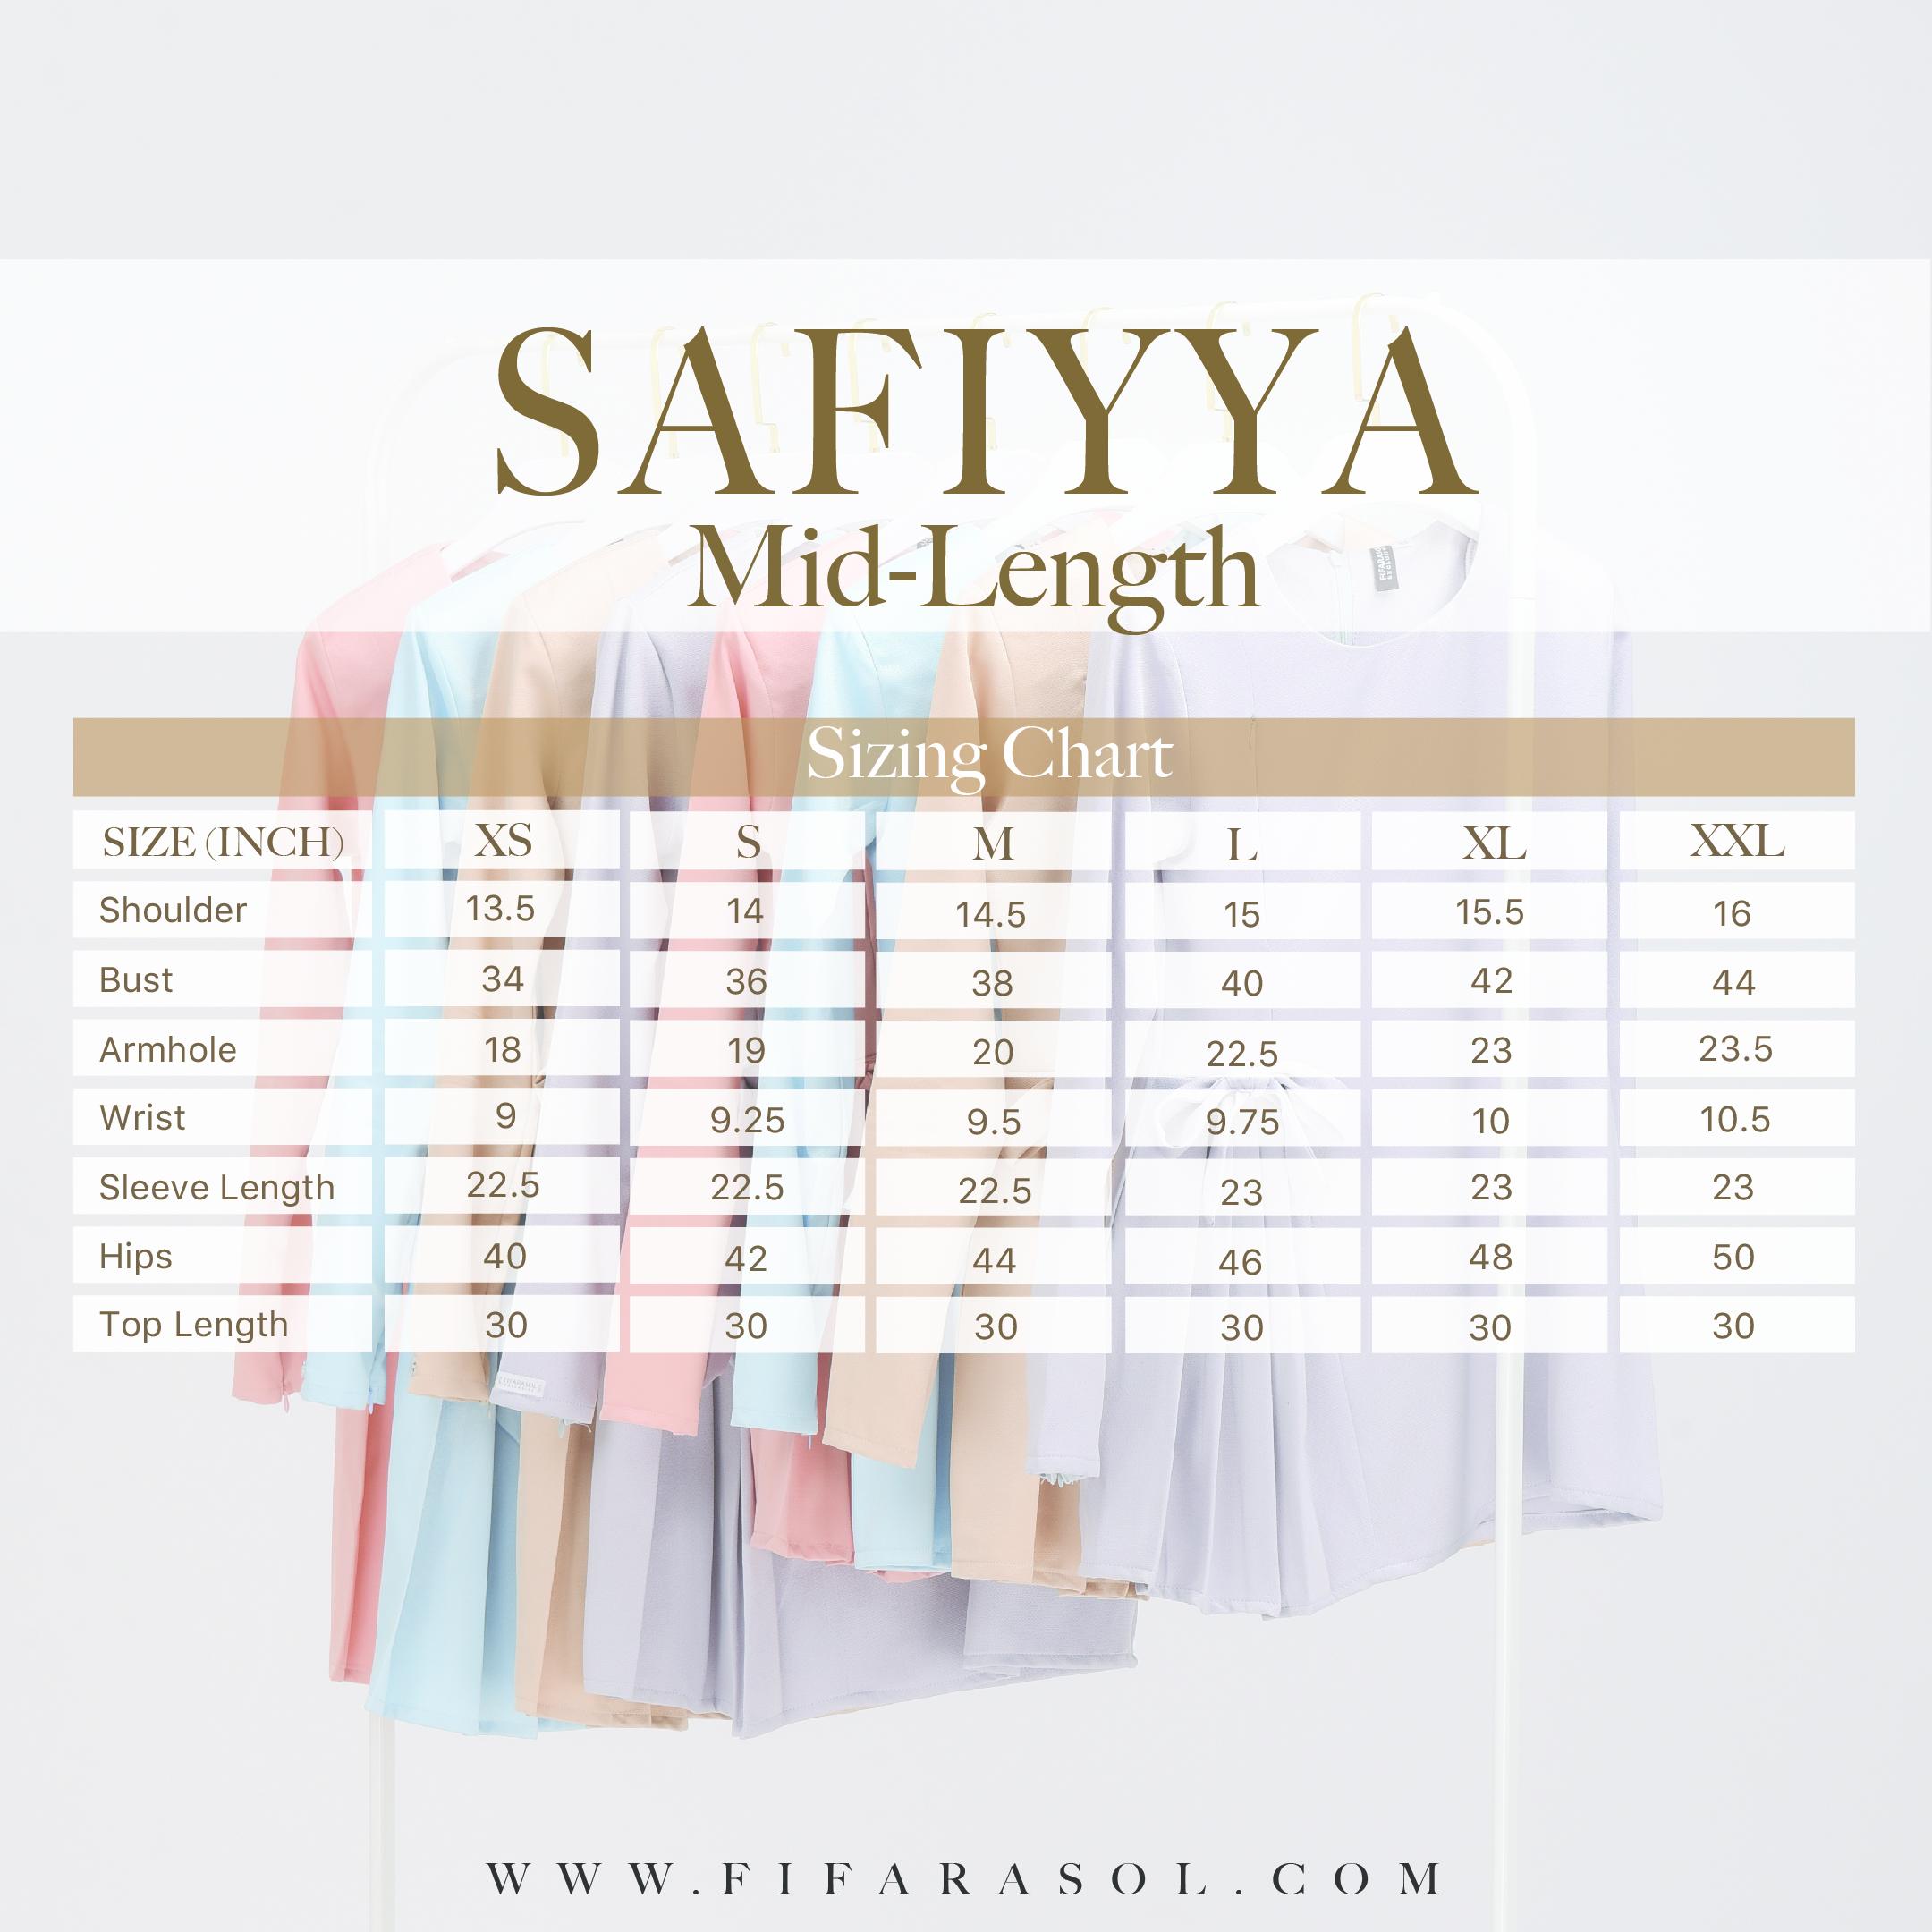 SAFIYYA (MID).jpg